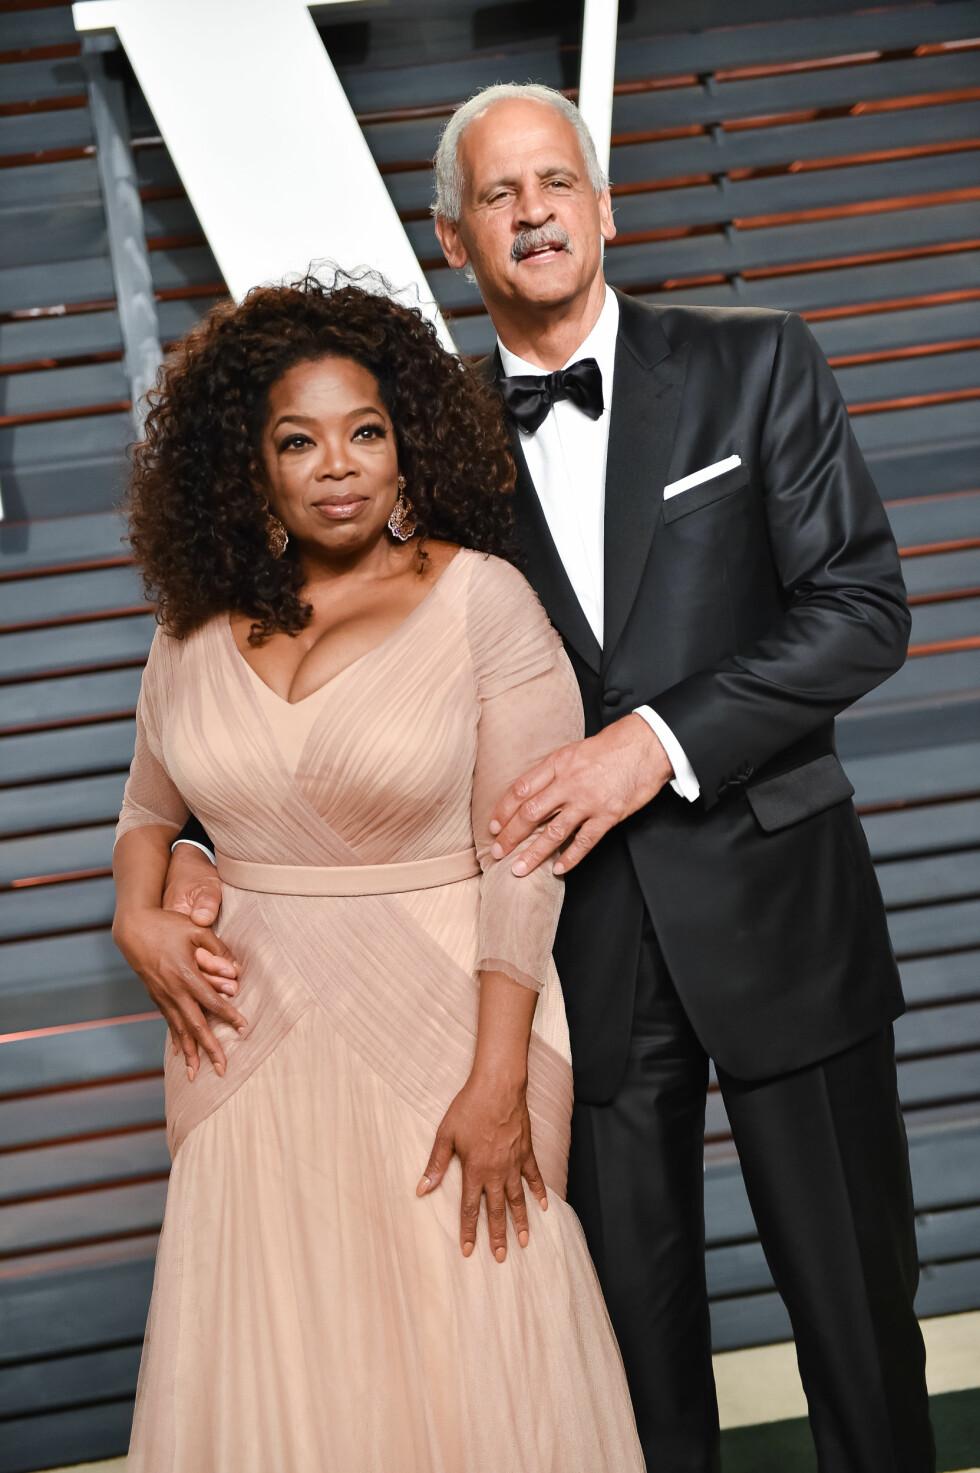 STJERNEPAR: Oprah Winfrey og Stedman Graham har vært sammen i snart 30 år!  Foto: SipaUSA